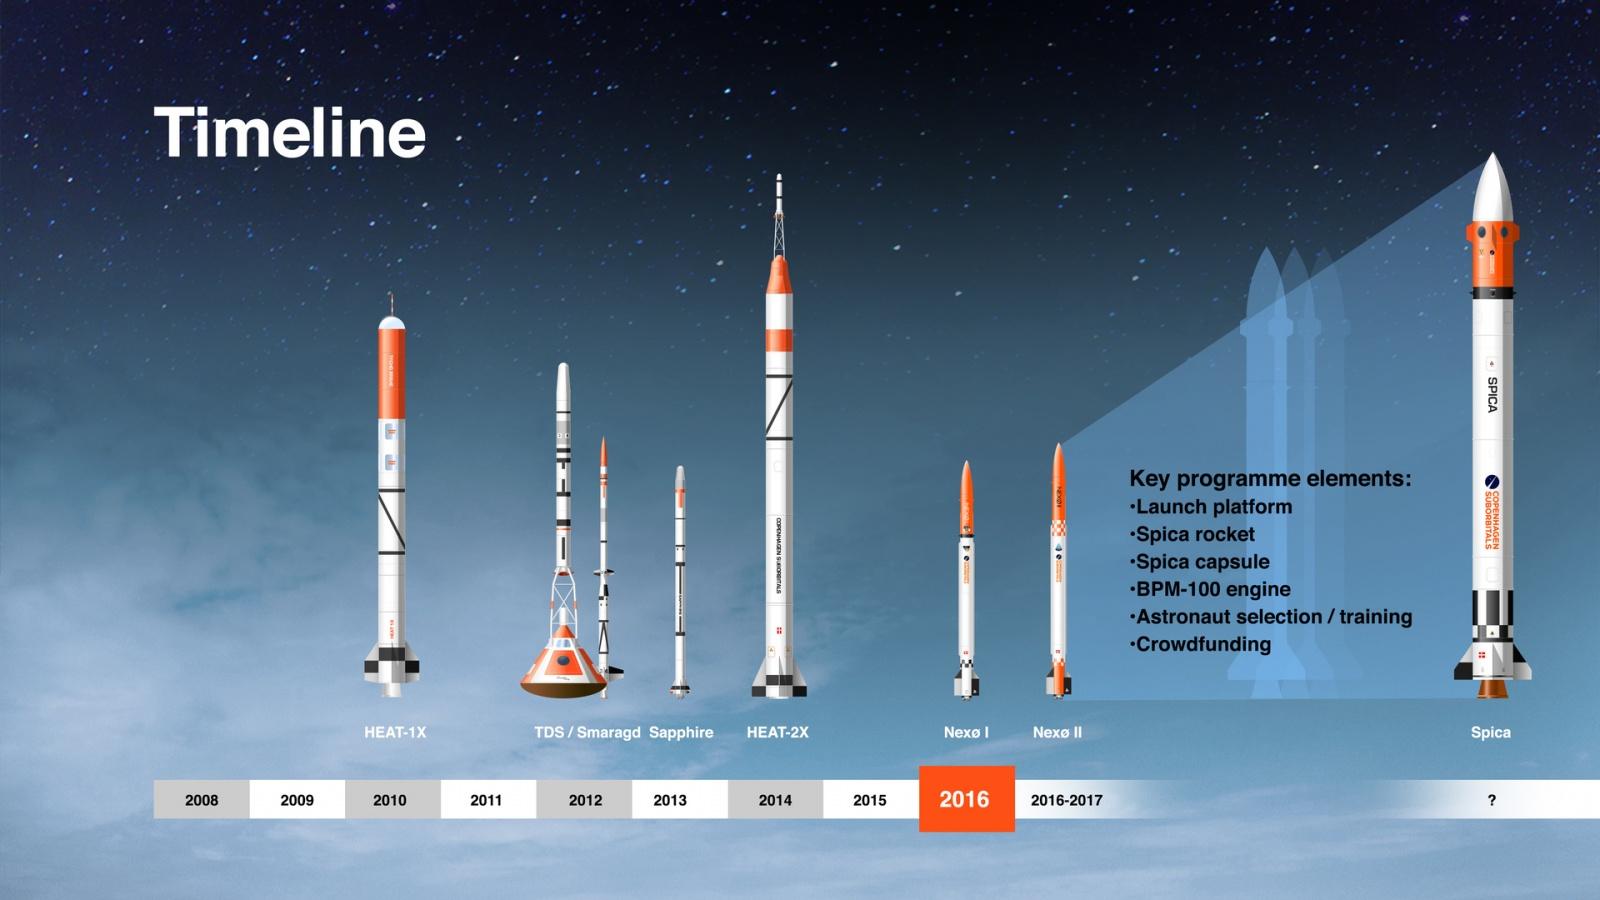 [Обновлено] Copenhagen Suborbitals сегодня запустила очередную суборбитальную ракету - 1